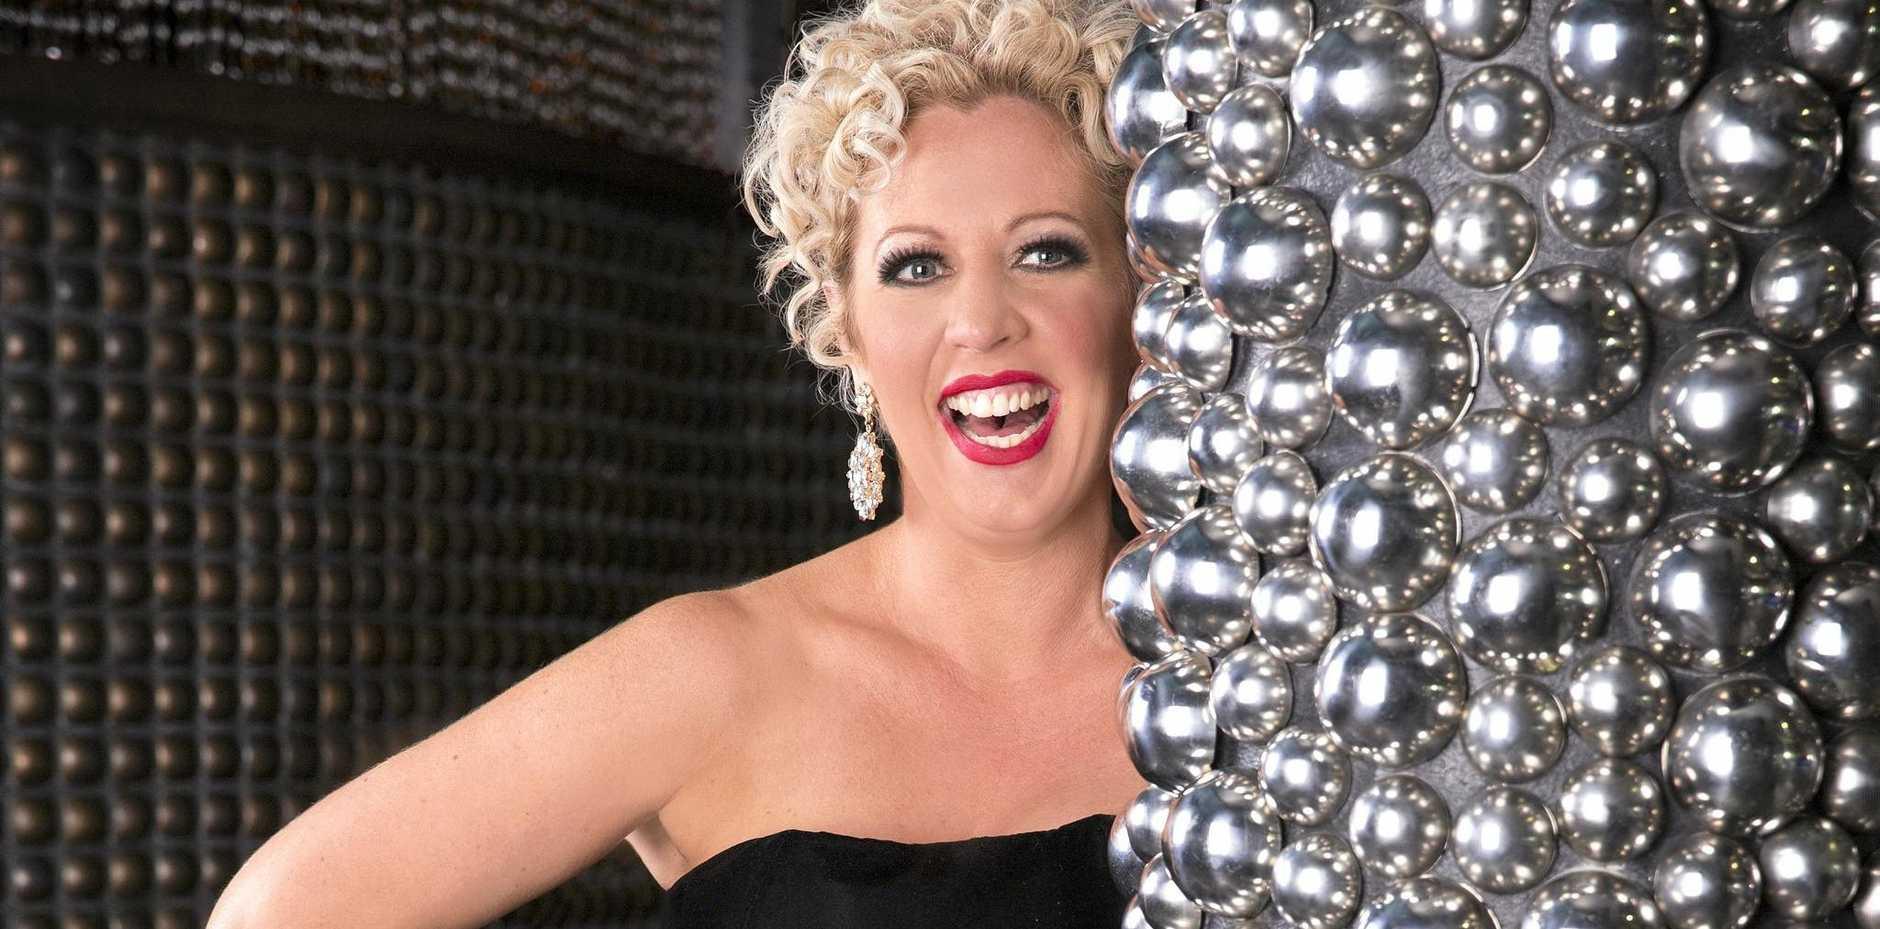 OPERA AT JIMBOUR: Emily Burke will perform at Opera at Jimbour.